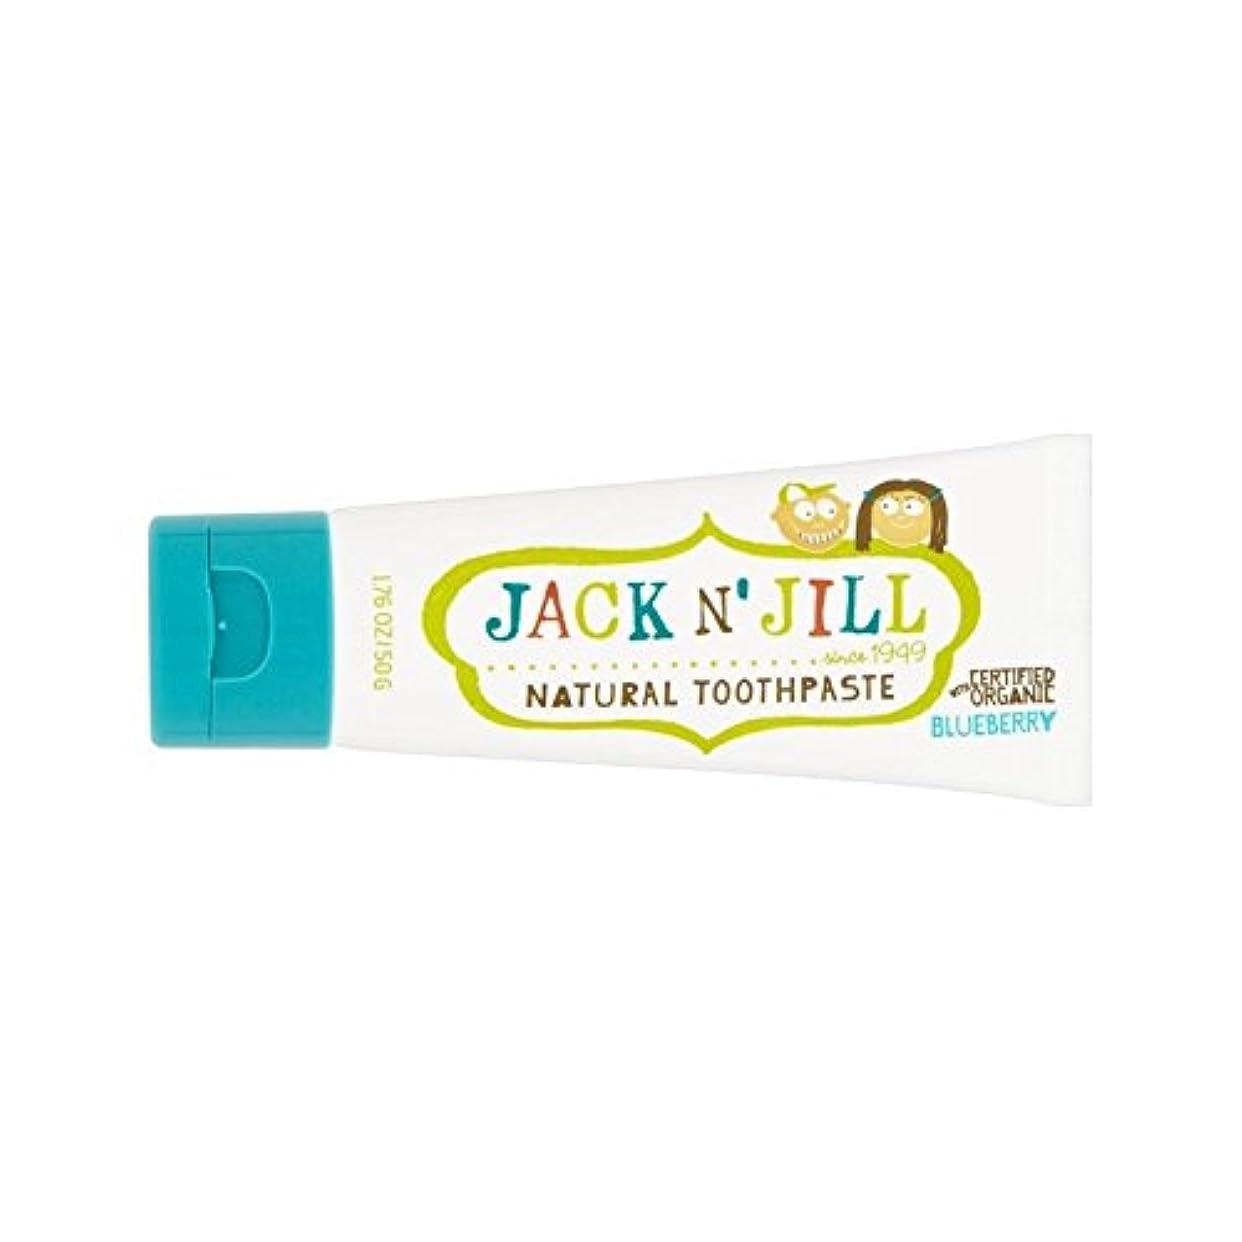 有機香味50グラムとの自然なブルーベリー歯磨き粉 (Jack N Jill) - Jack N' Jill Blueberry Toothpaste Natural with Organic Flavouring 50g...